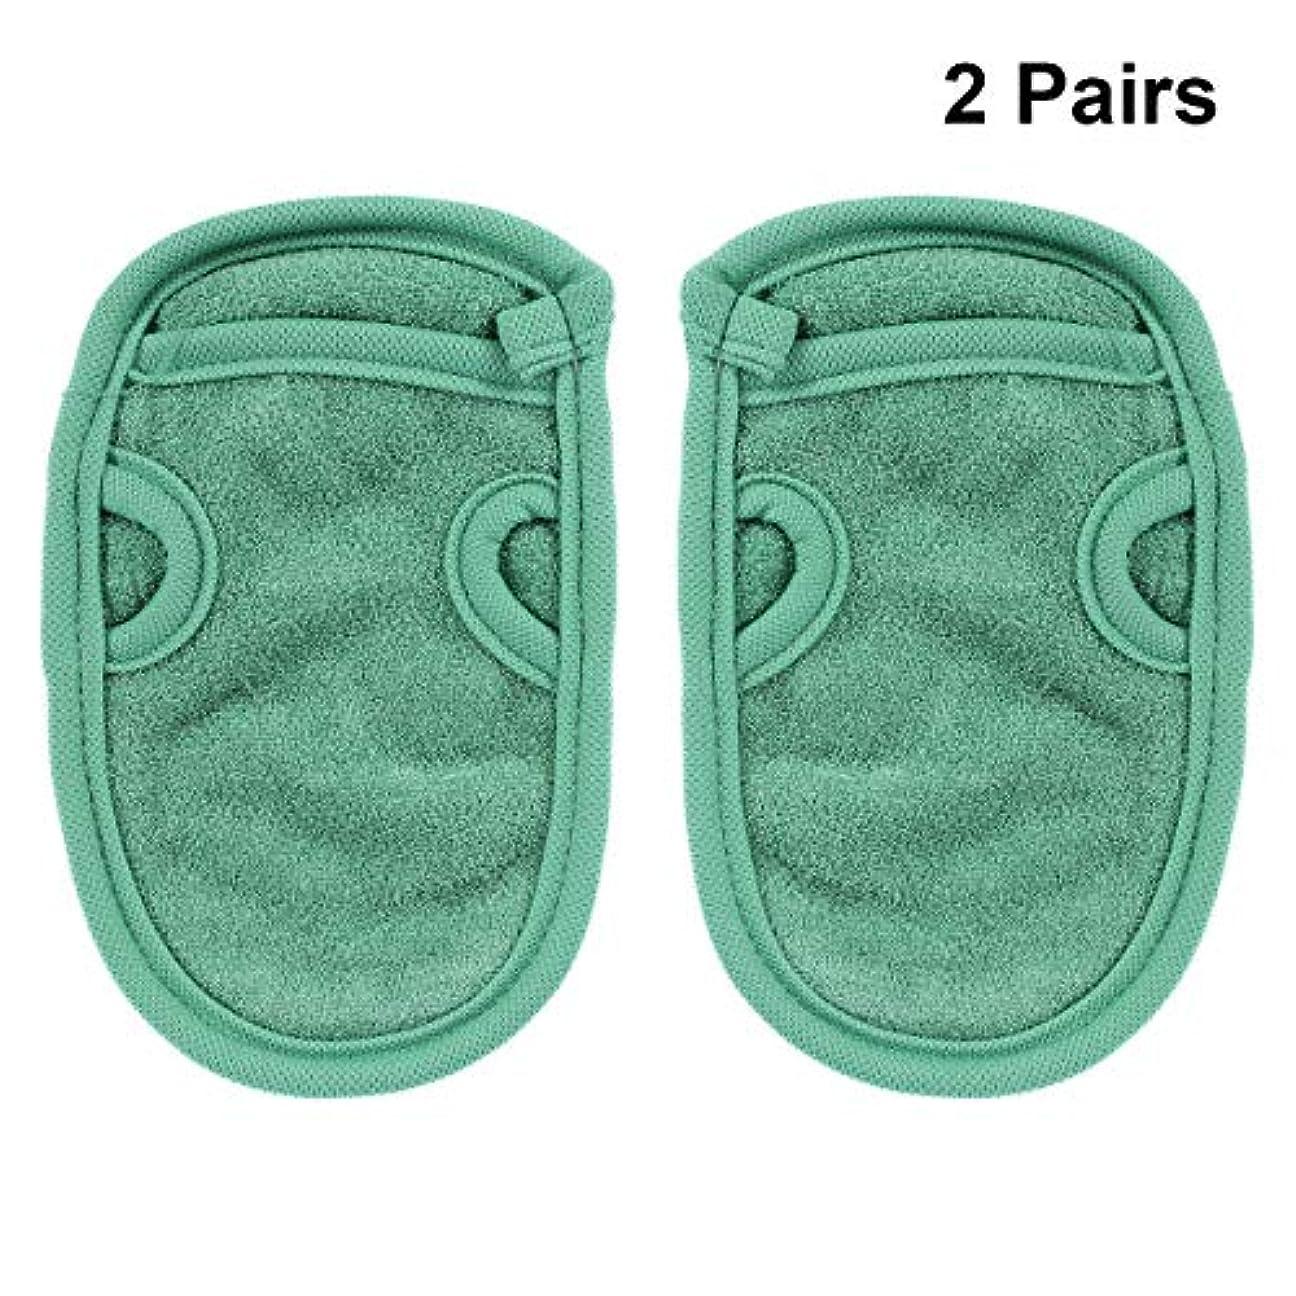 受け取る開発誘惑するHEALIFTY 4本入浴手袋エクスフォリエイティンググローブスパグローブシャワーグローブフェイシャルグローブバスボディスクラブシャワーグローブボディスパ(グリーン)